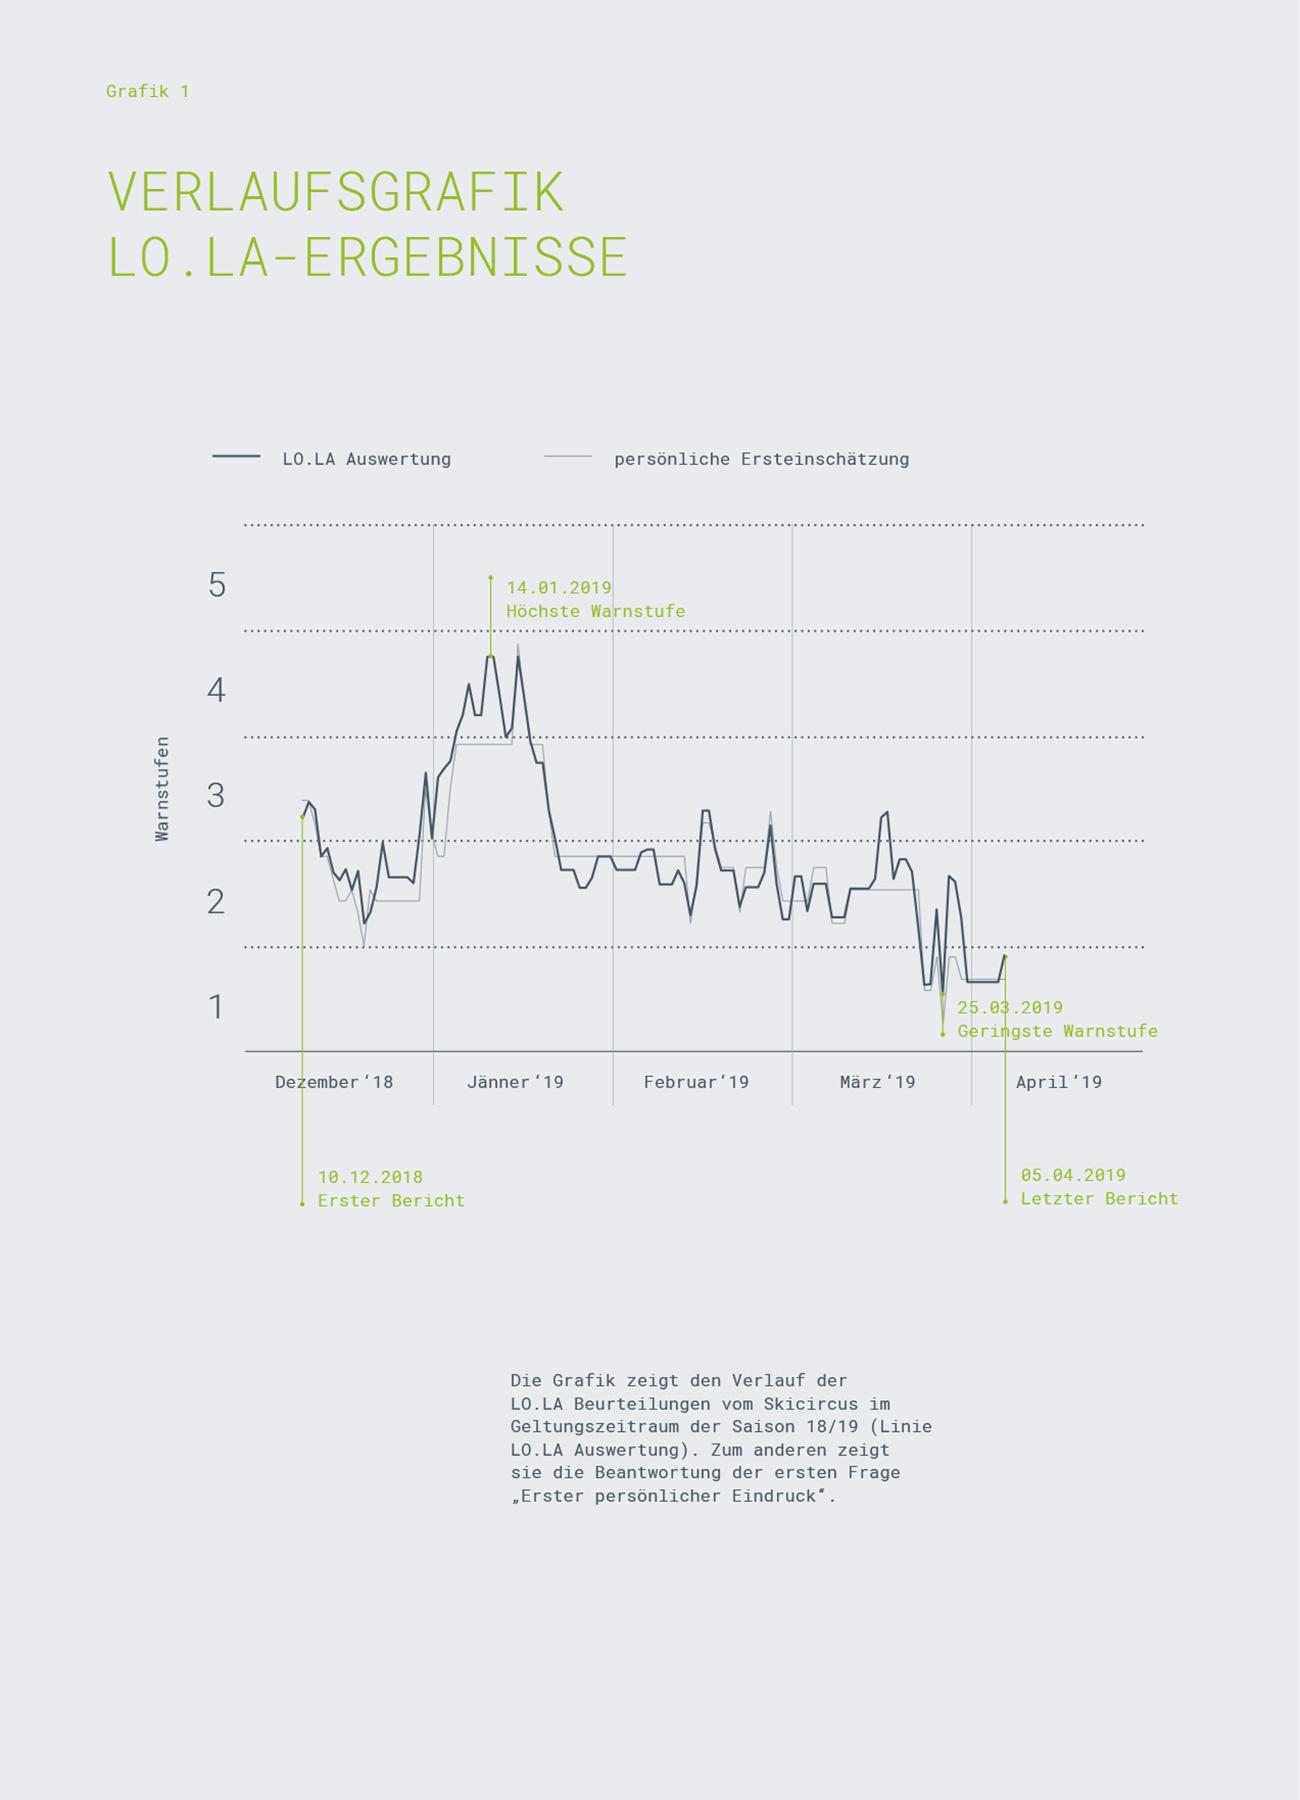 Referenz Skicircus Saalbach-Hinterglemm-Leogang-Fieberbrunn, Grafik 1   LO.LA Alpine Safety Management